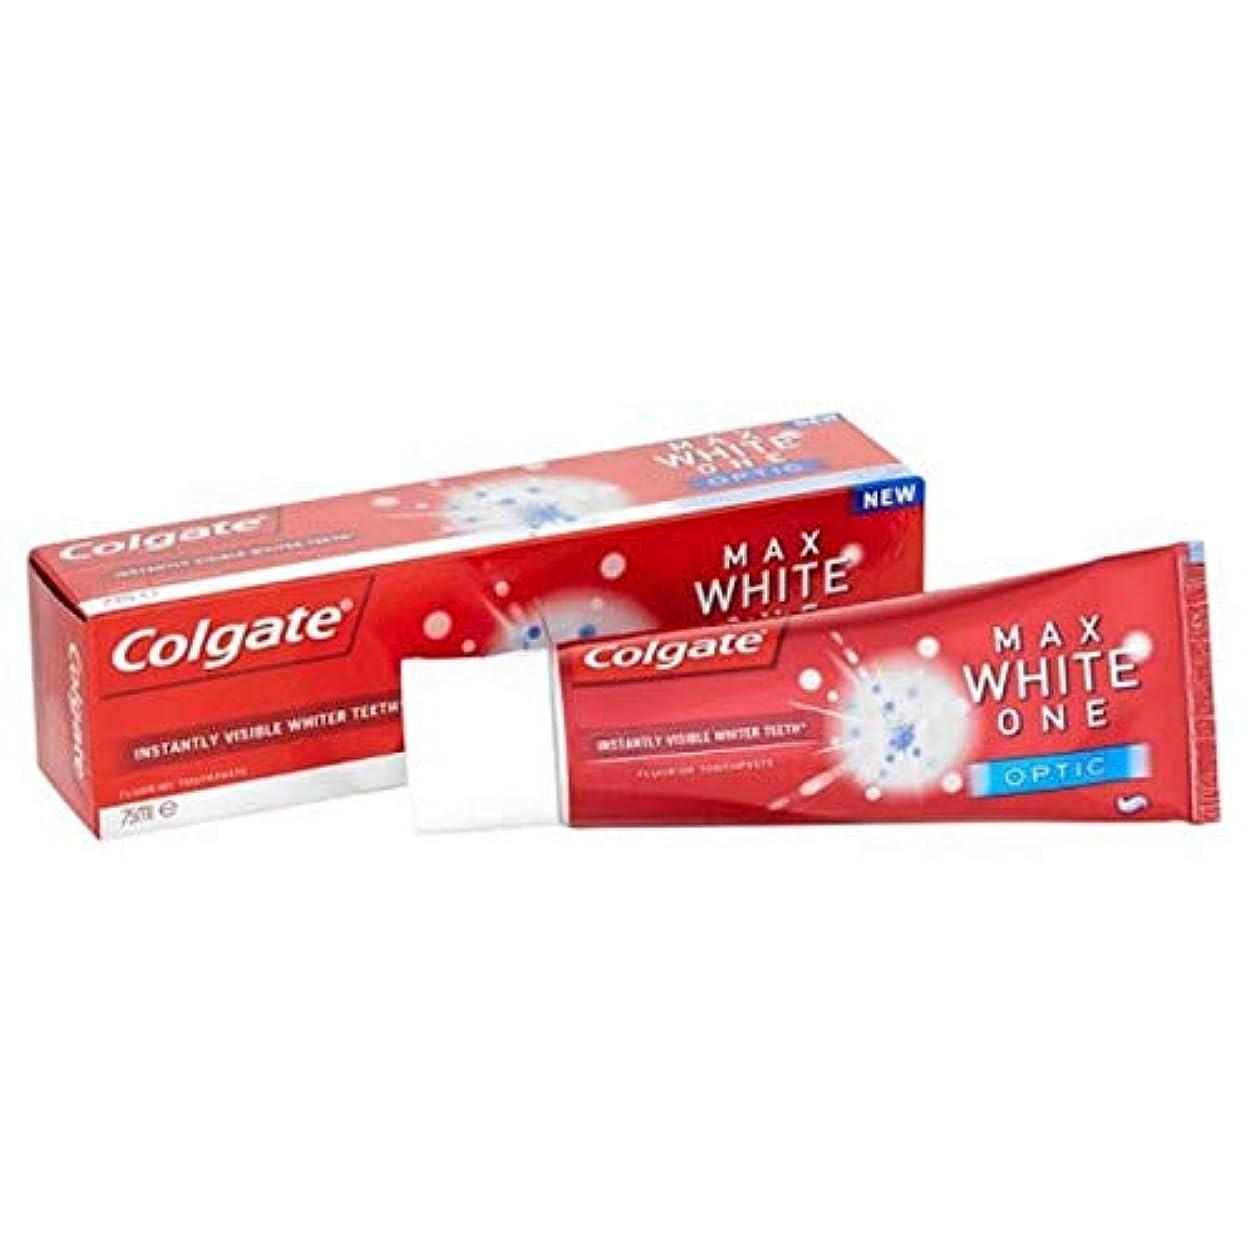 登る思い出させる好奇心盛[Colgate ] コルゲート最大白1つの光学歯磨き粉25ミリリットル - Colgate Max White One Optic Toothpaste 25ml [並行輸入品]